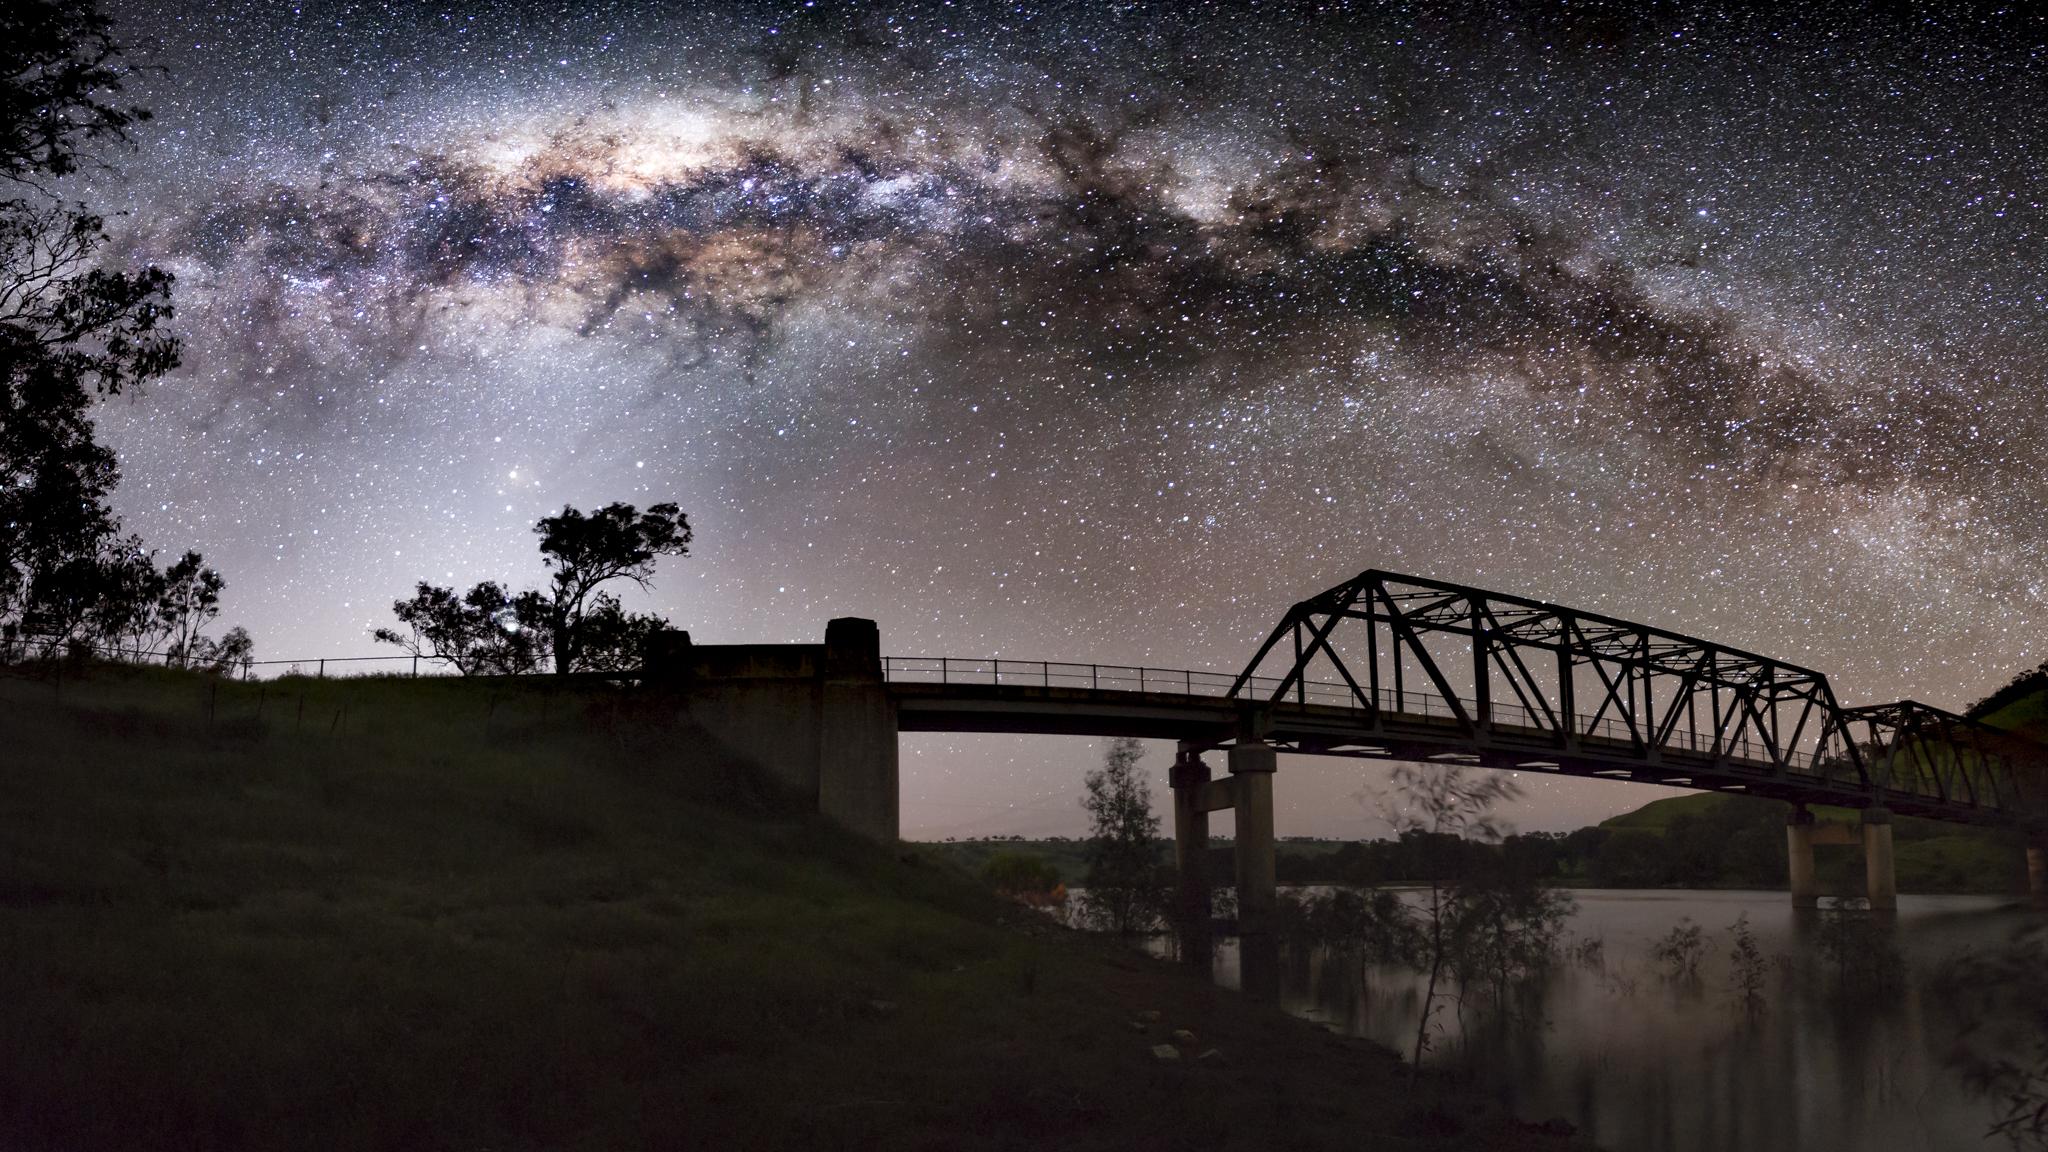 Milky Way at Taemas Bridge